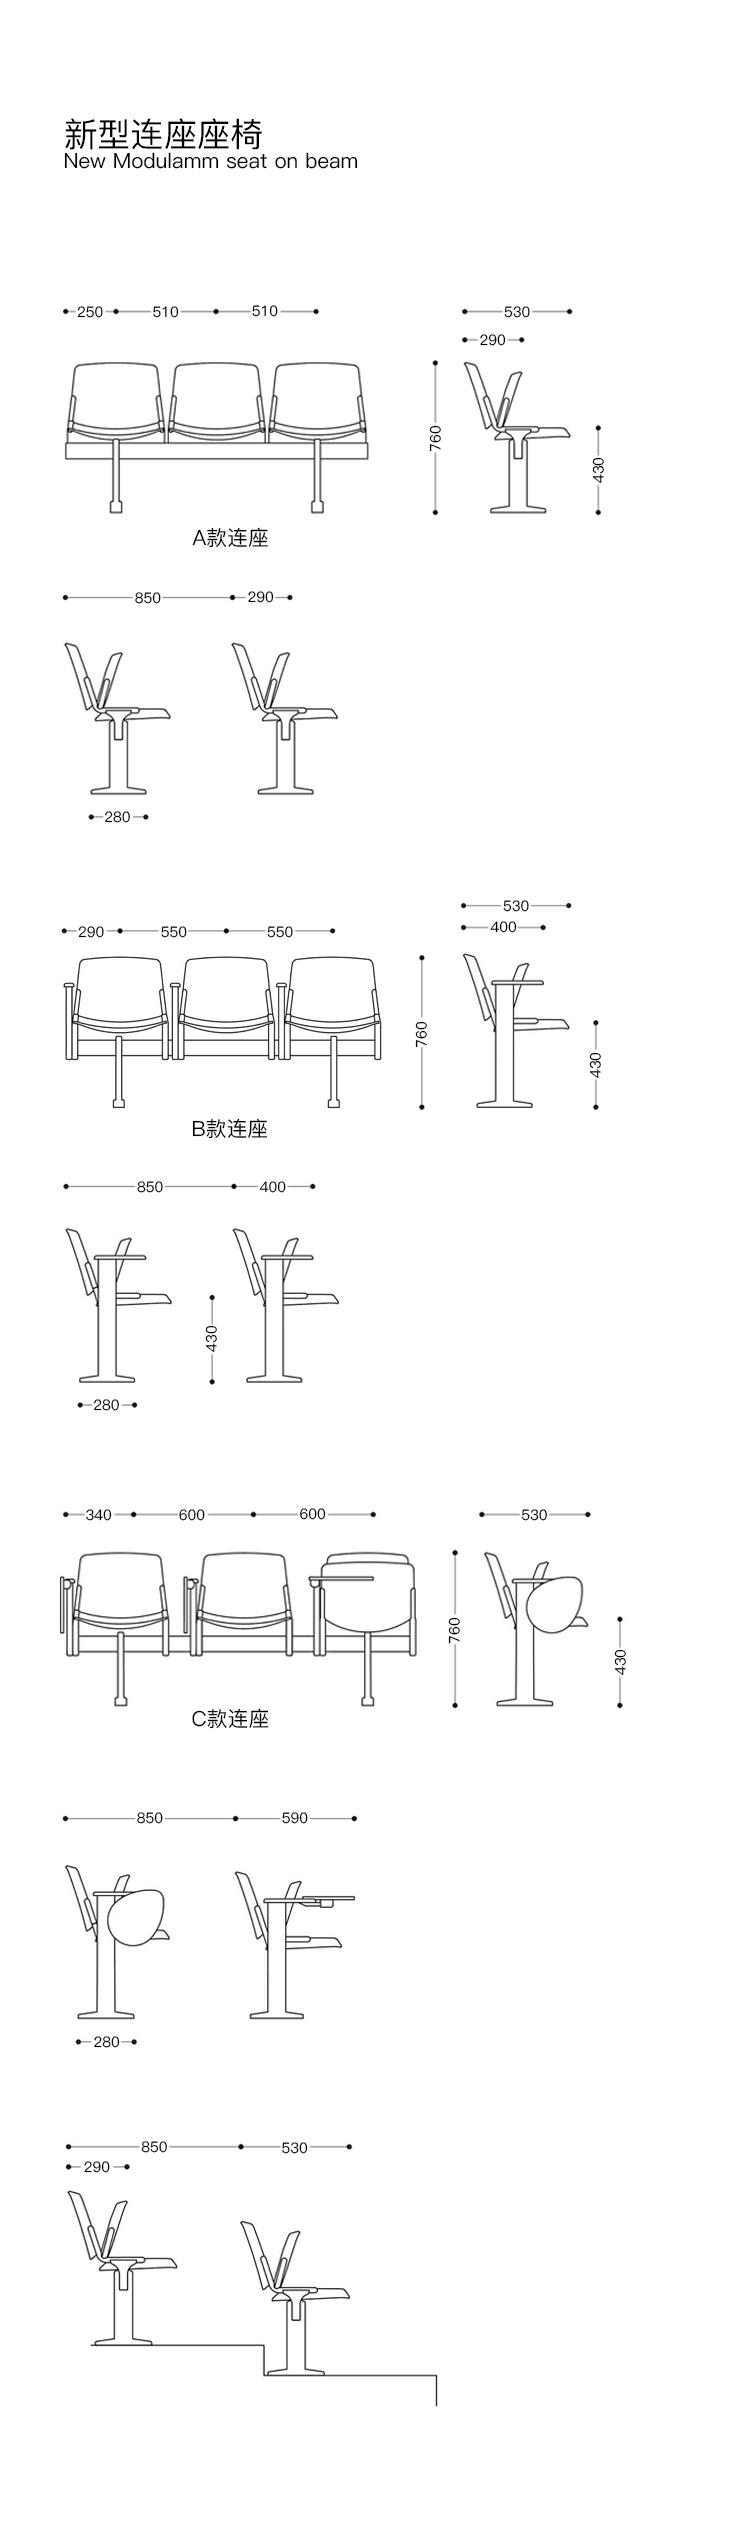 新模块、new modulamm、A2405-5产品详情